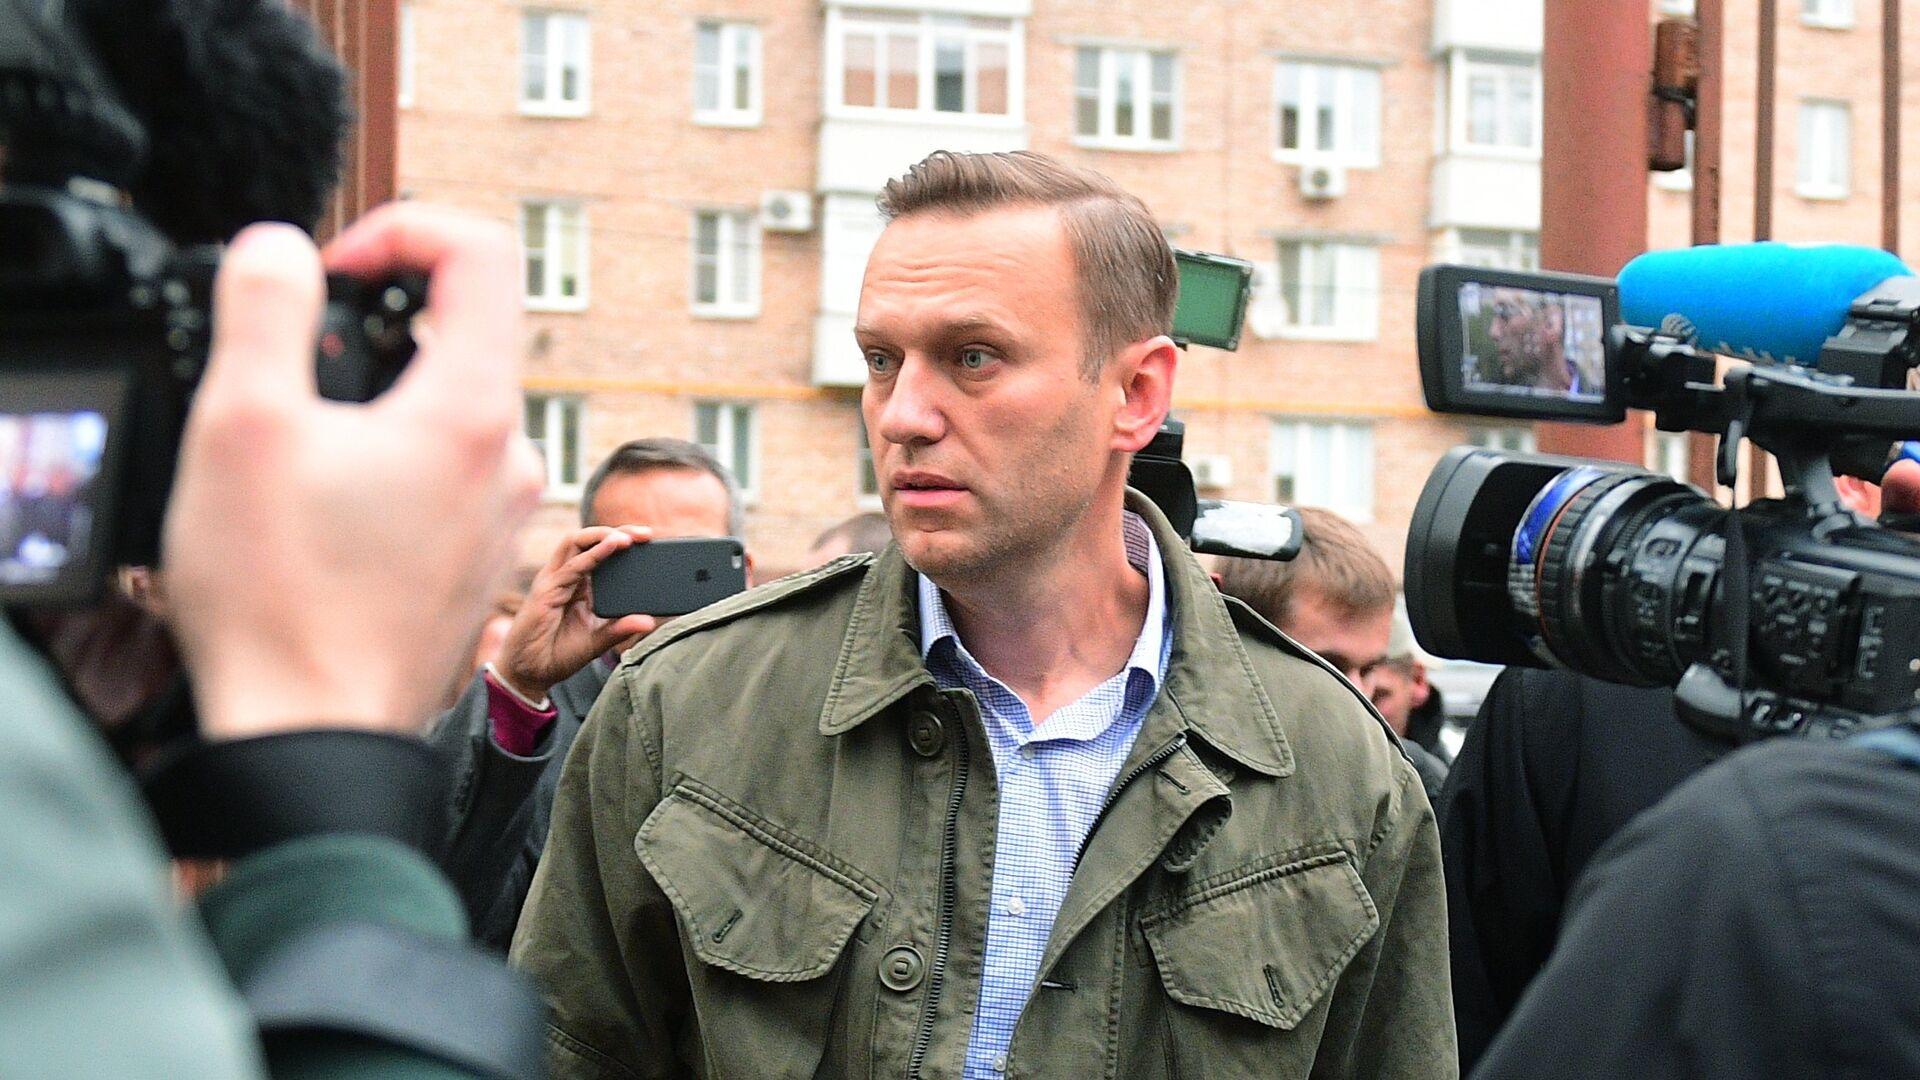 Алексей Навальный у здания Симоновского районного суда Москвы. 2 октября 2017 - РИА Новости, 1920, 06.11.2020